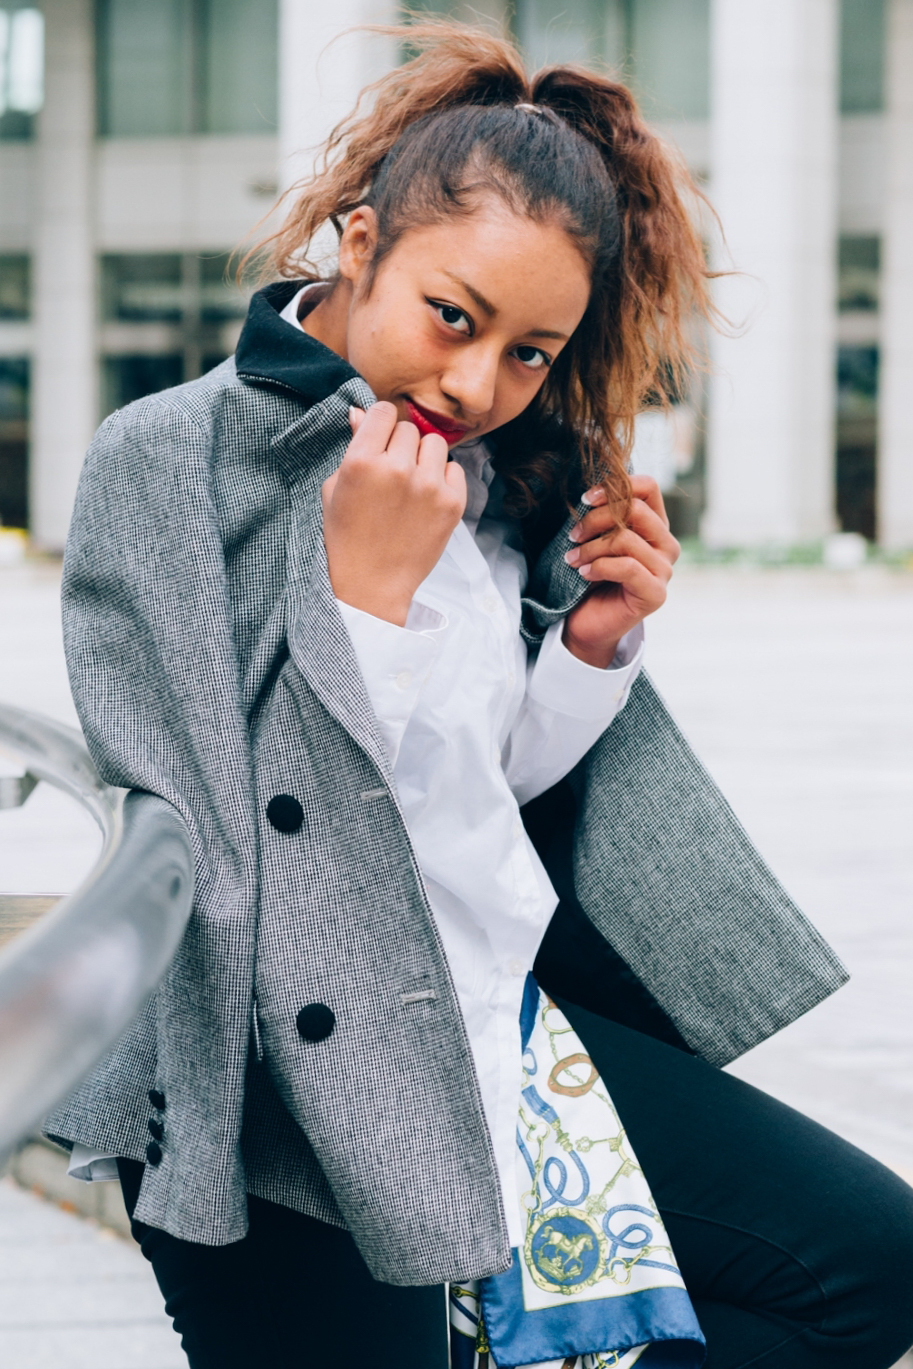 外国人モデル/外国人俳優/外国人タレント・文化人 サクラ・Aの写真6